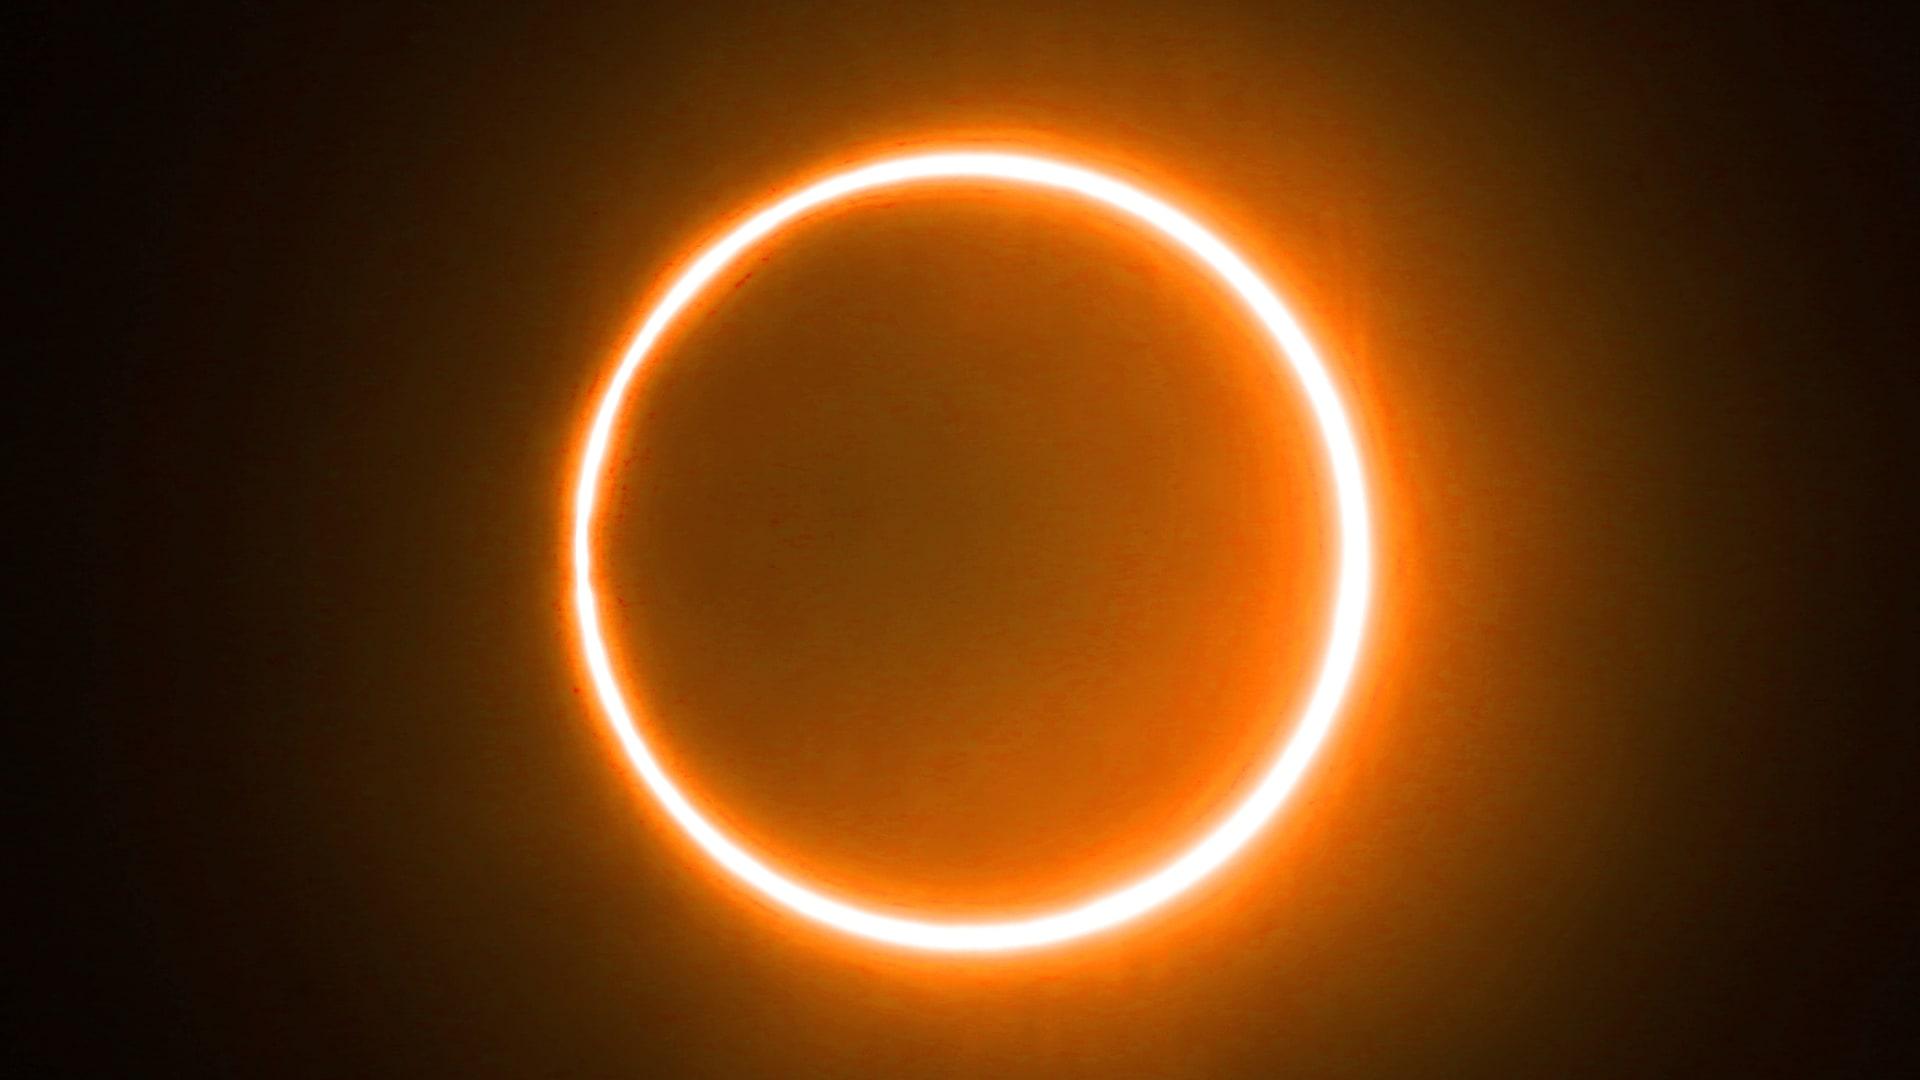 """شاهده بعض سكان العالم.. مشاهد لـ""""حلقة النار"""" الناتجة عن كسوف الشمس"""